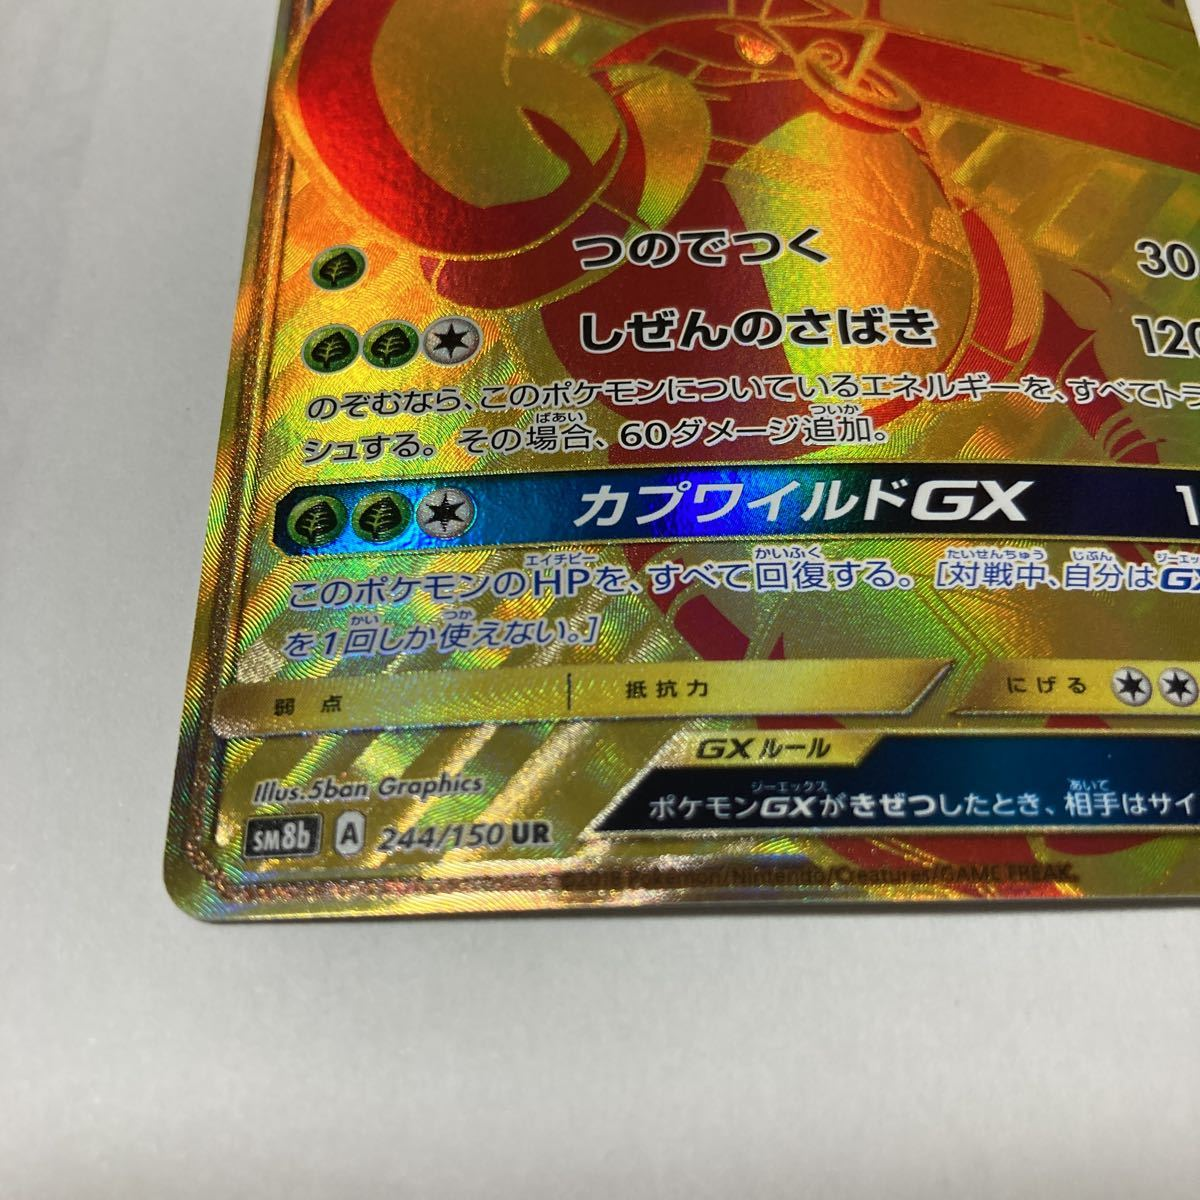 カプ・ブルルGX UR ウルトラレア GXウルトラシャイニー ポケモンカード ポケカ sm8b 244/150 つのでつく しぜんのさばき カプワイルドGX_画像5